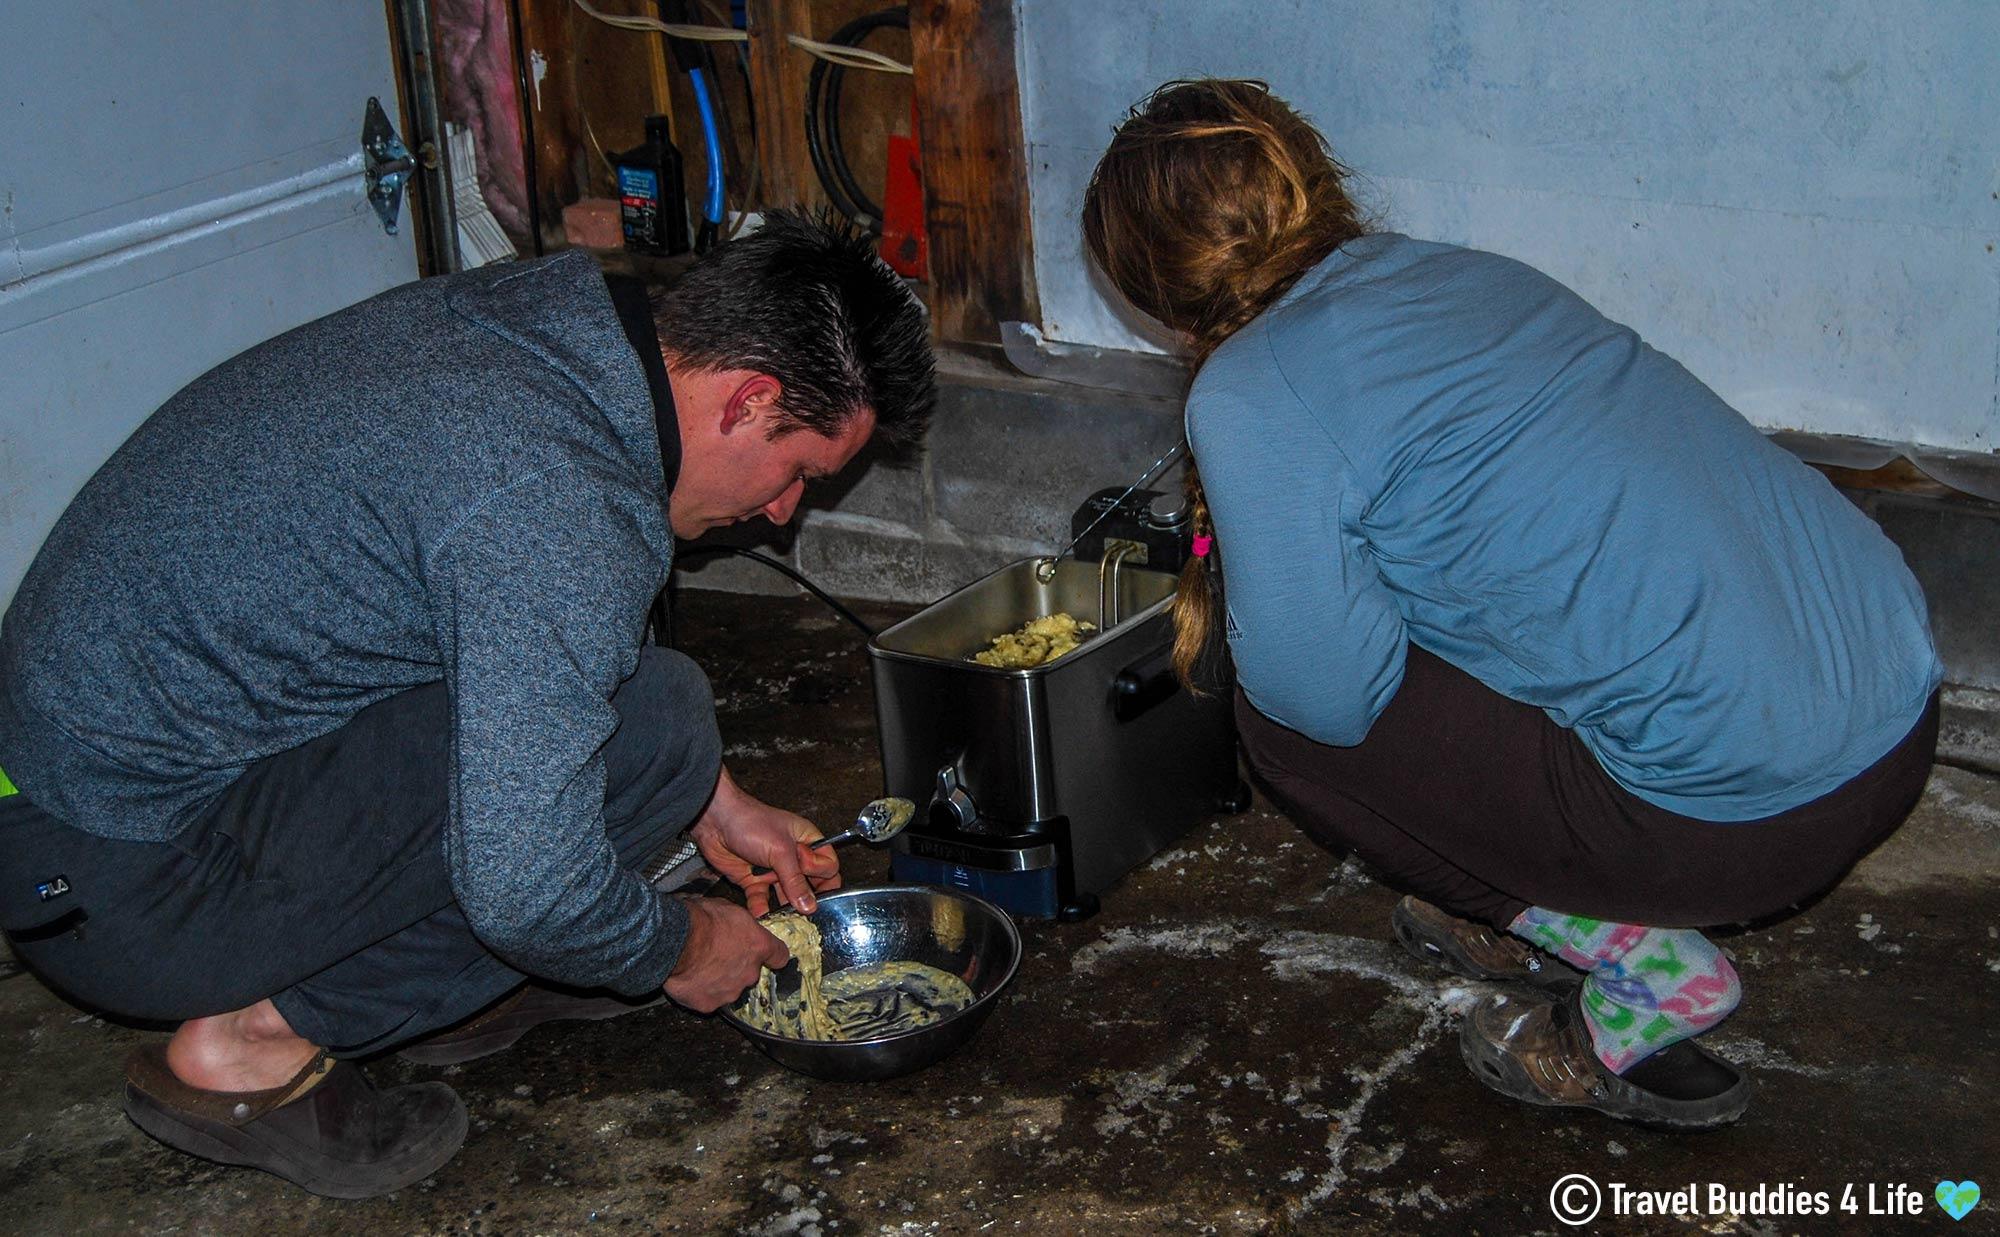 Joey And Ali Frying Dutch Olieballs In Garage, Canada